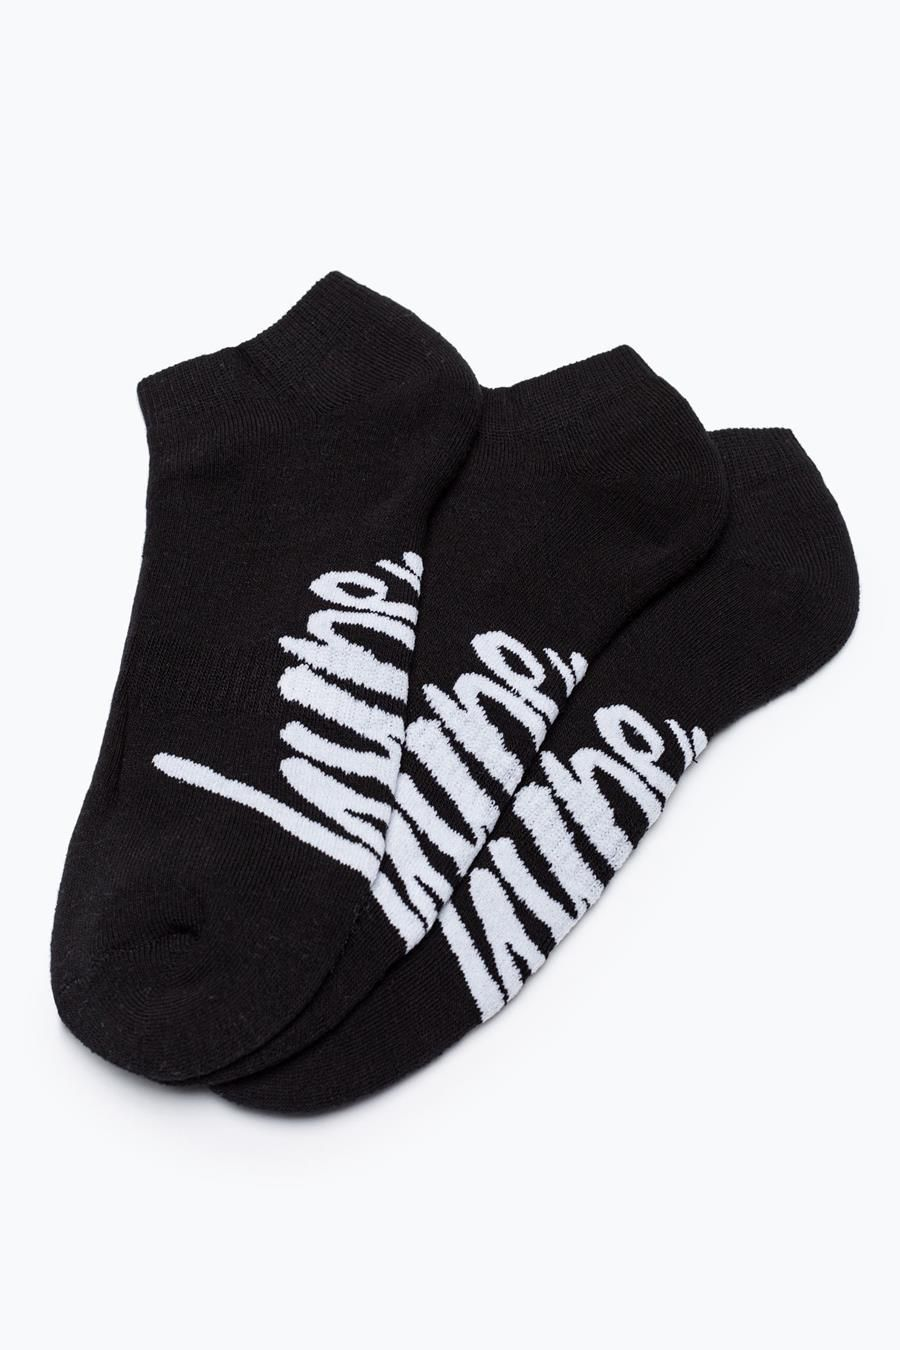 Hype Black Script Trainer Socks 3X Pack